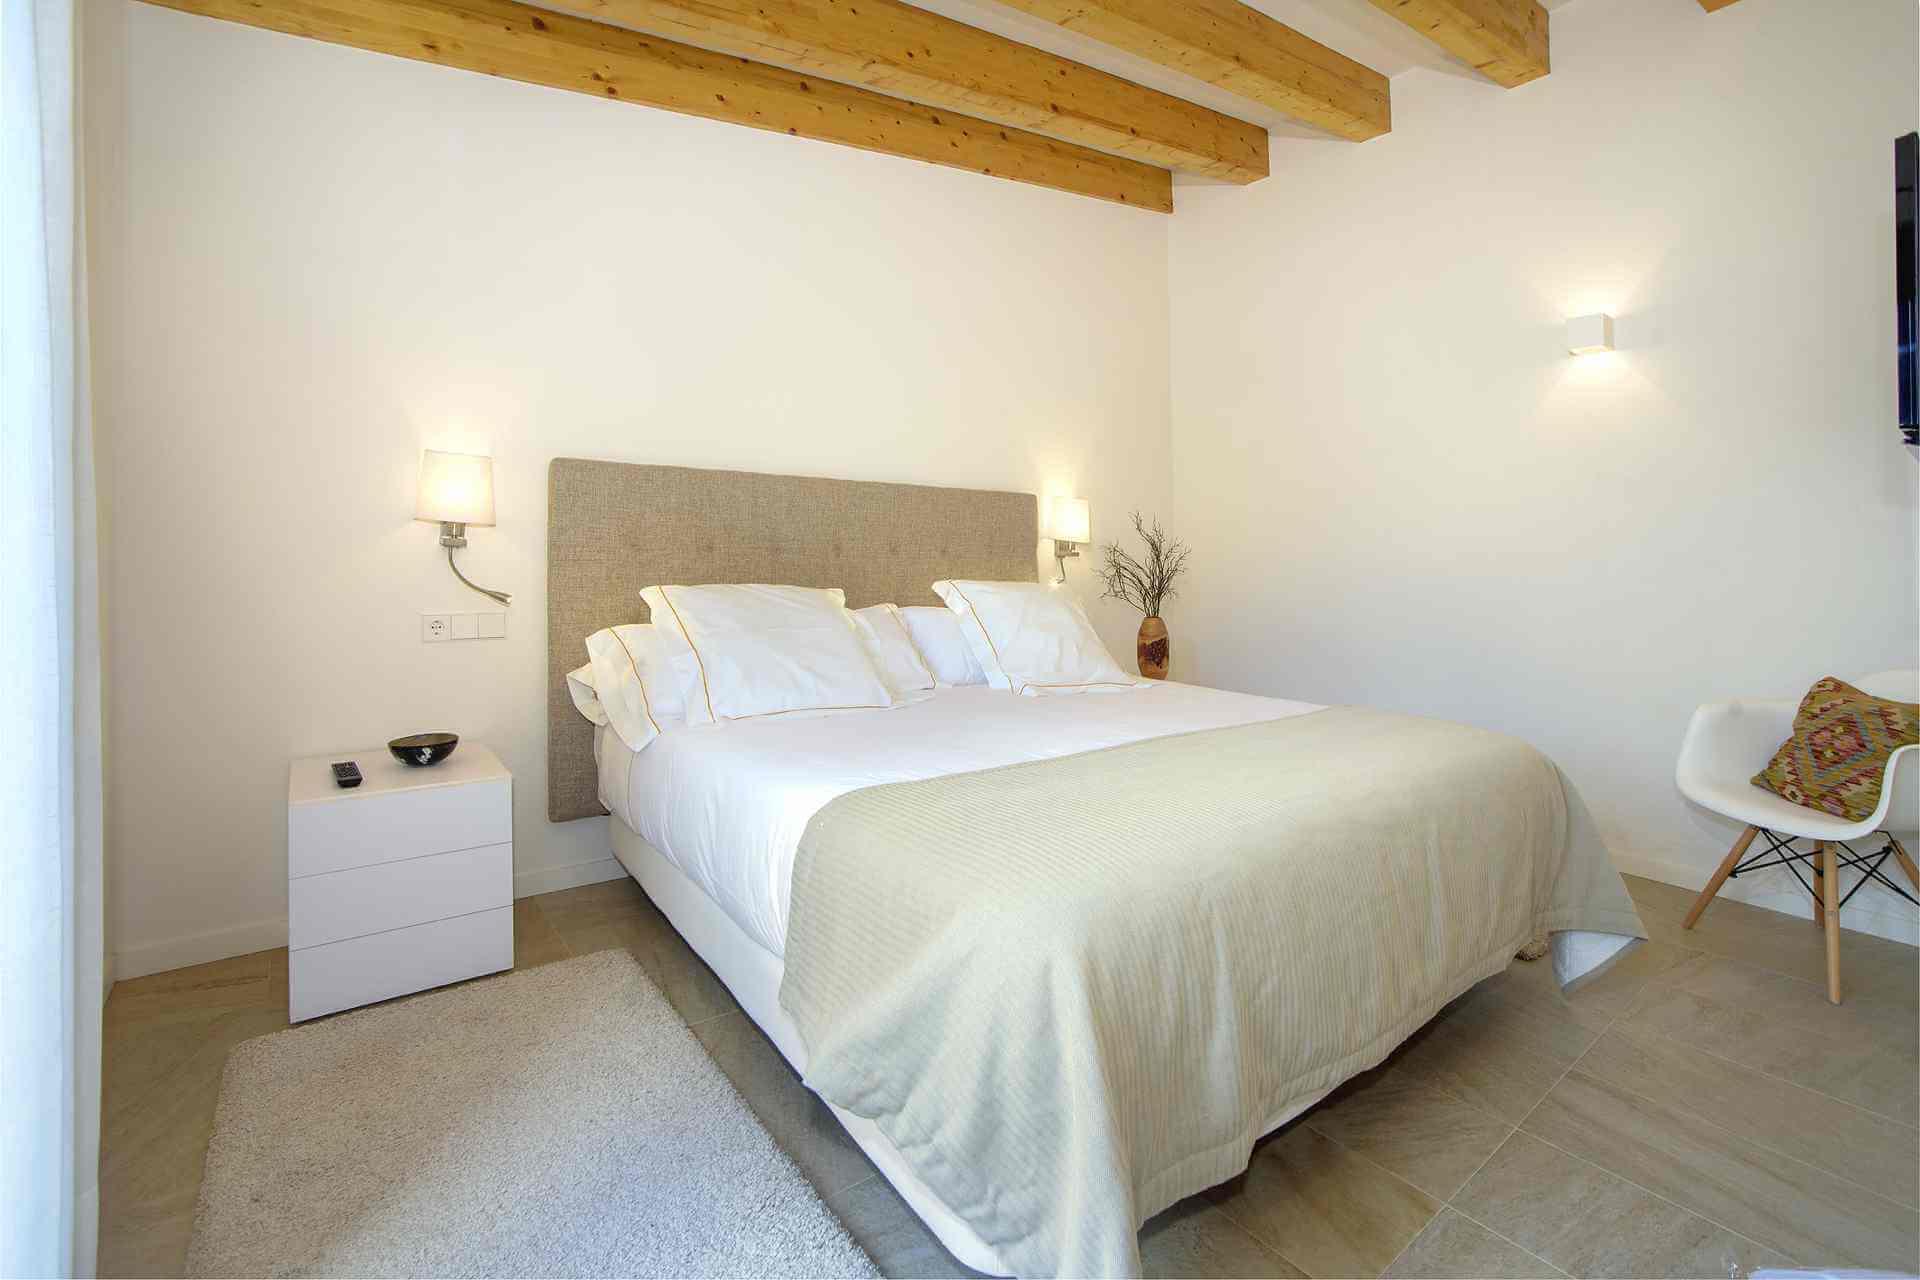 01-339 modern small Finca Mallorca west Bild 12